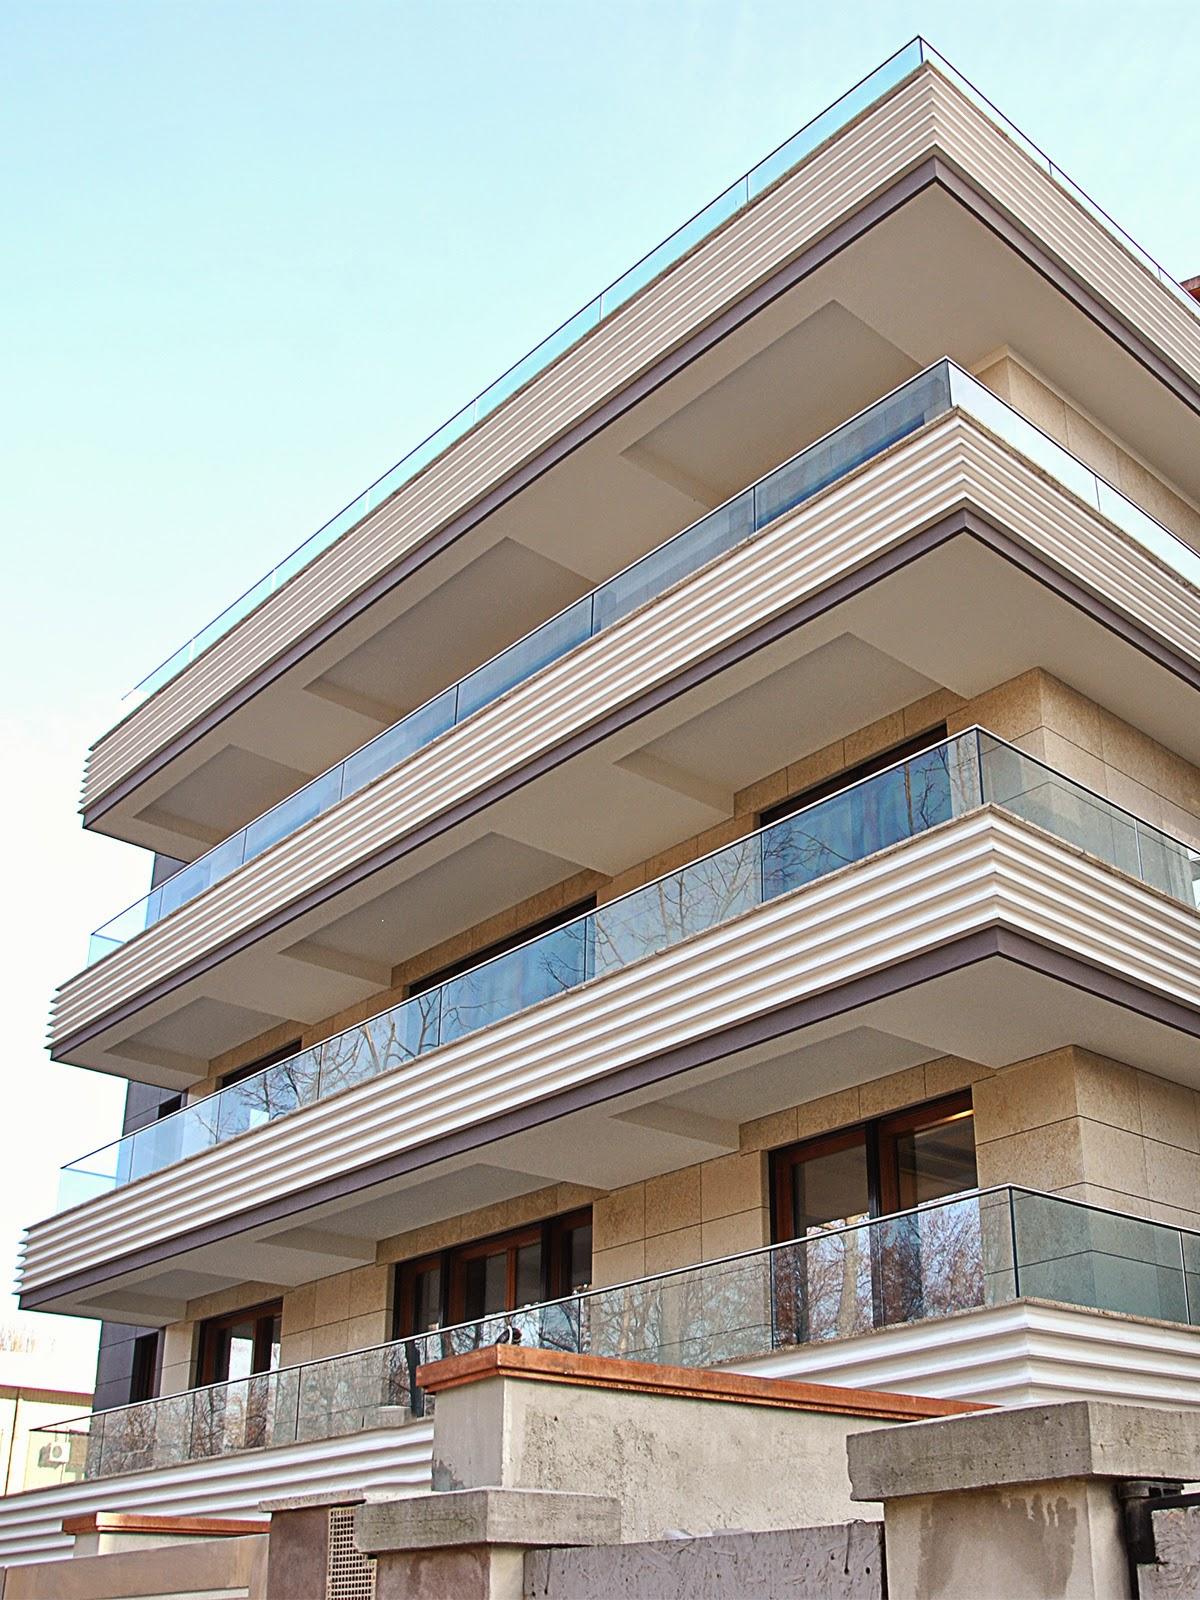 fatade blocuri moderne cu paouri decorative din polistiren, termosistem decorativ